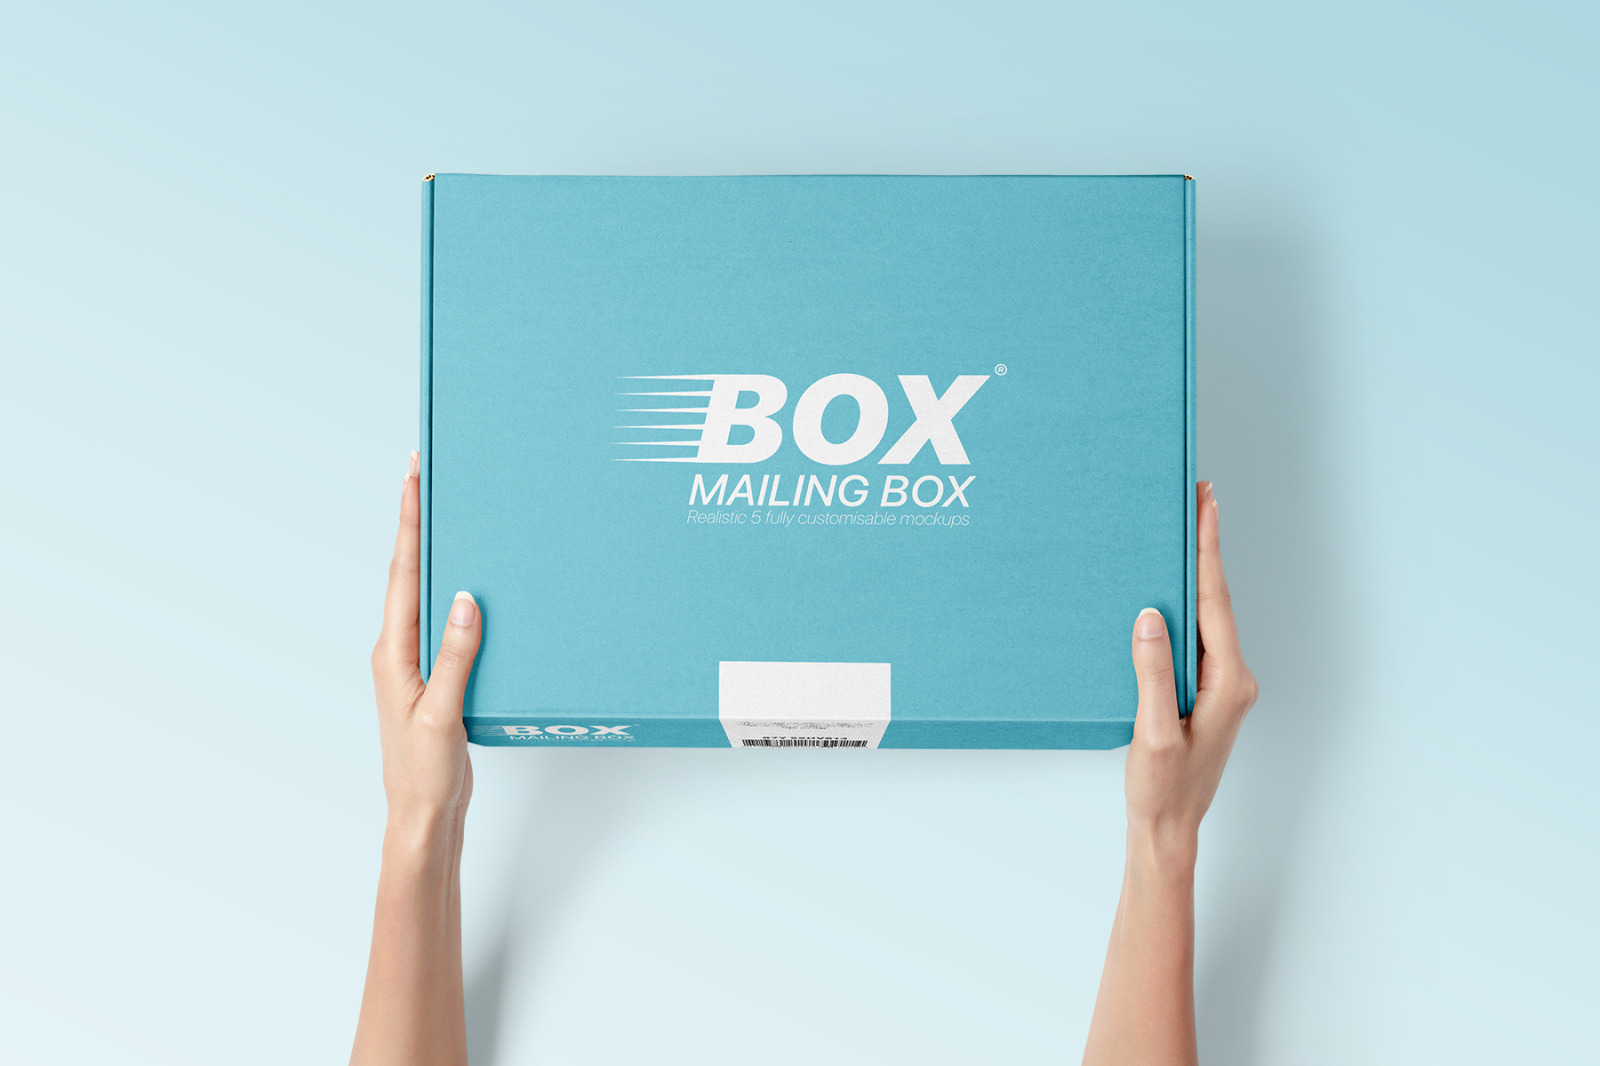 多角度快递包装纸盒外观设计展示样机 Mailing Box Mockups Set插图(1)